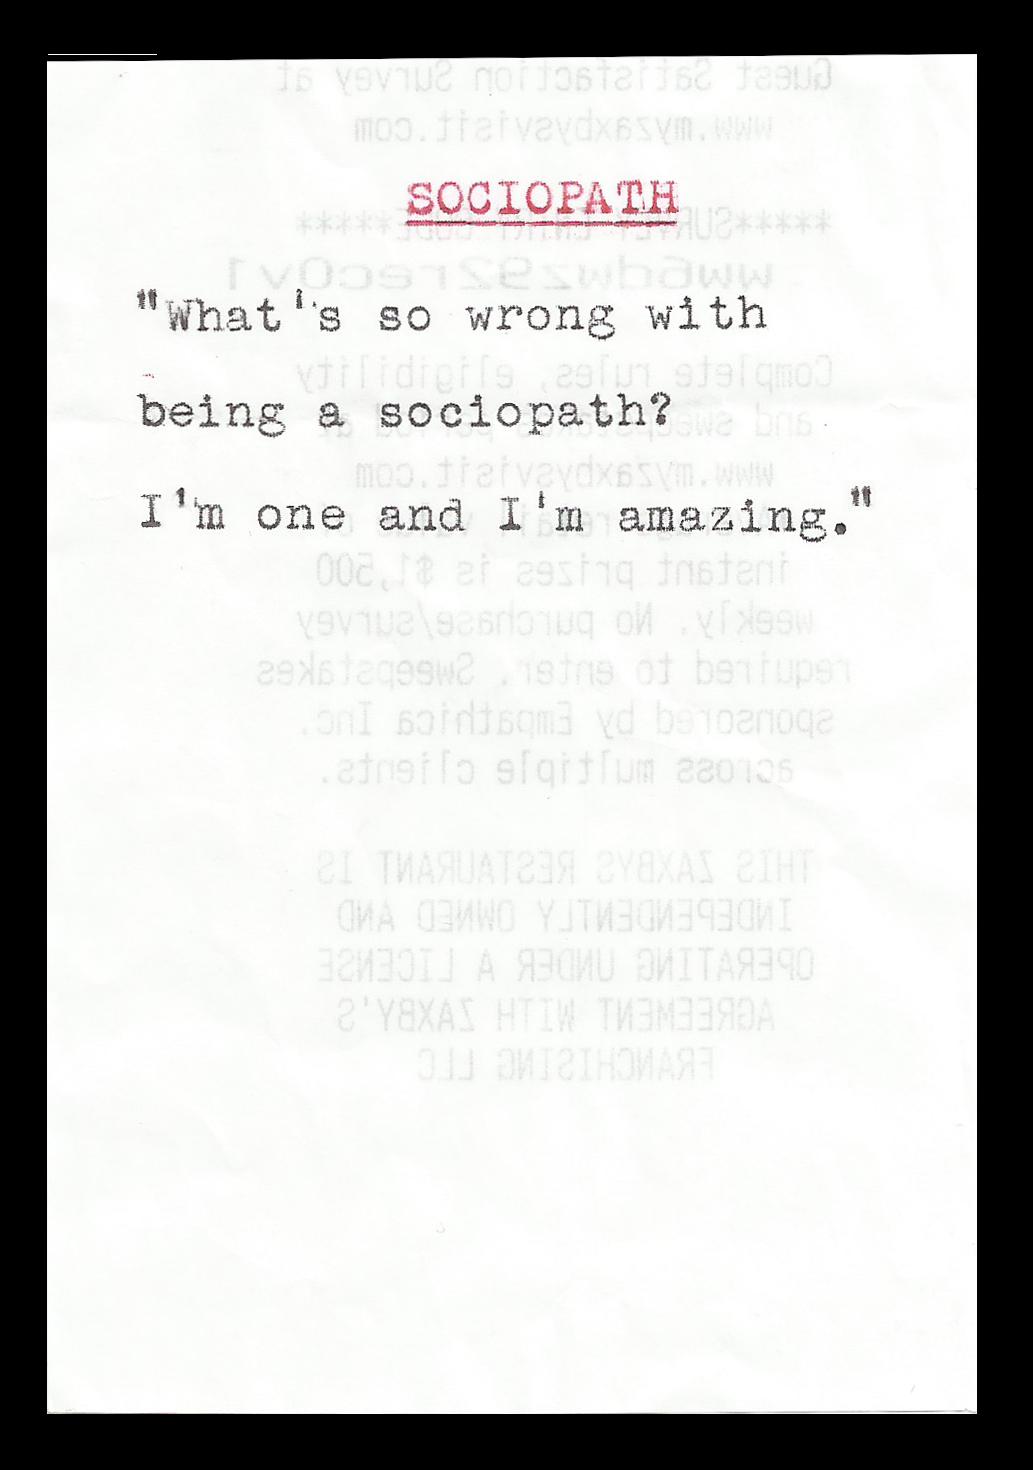 Sociopath.png